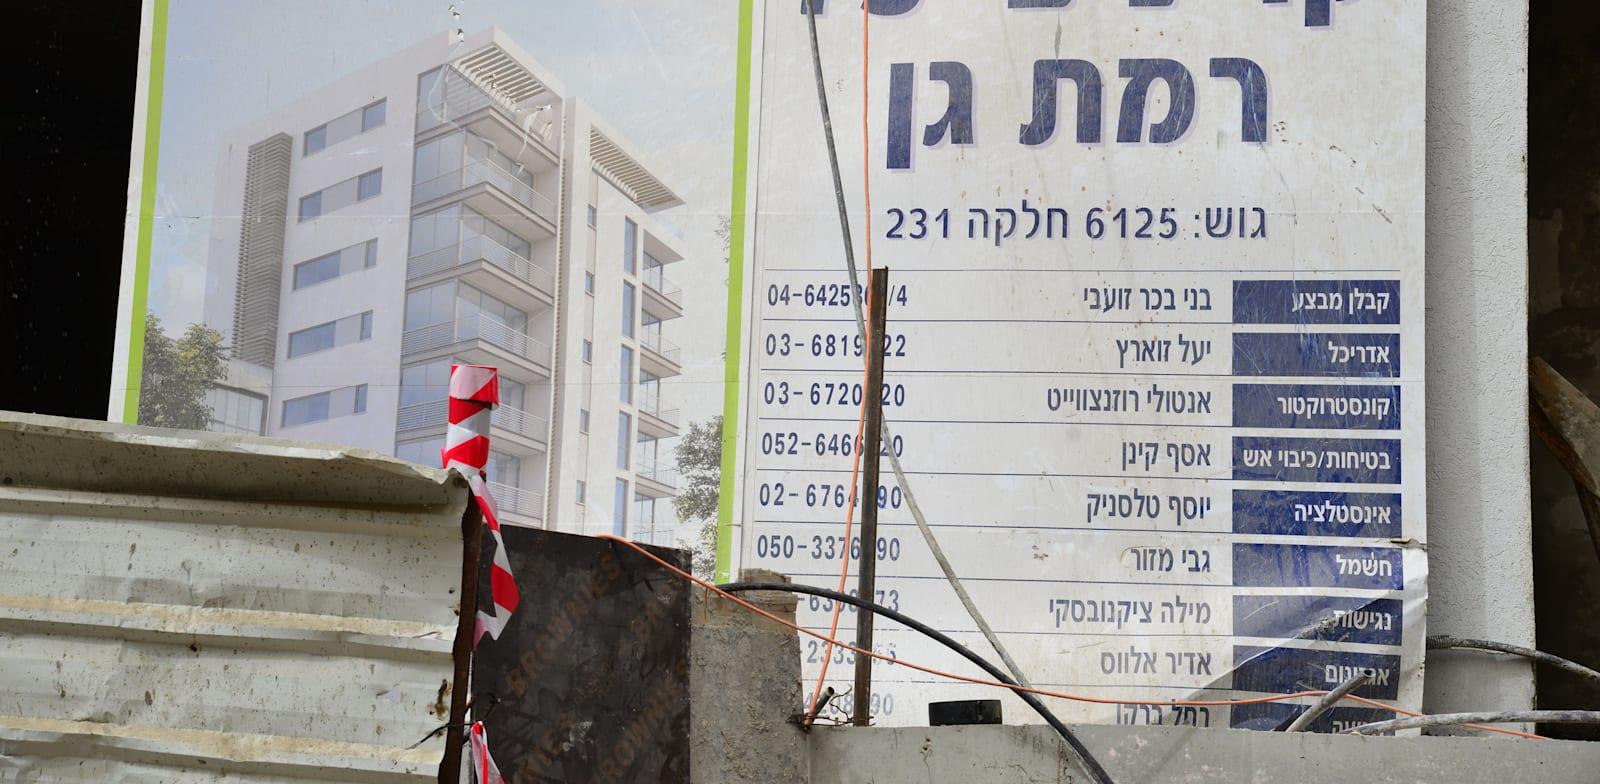 מודעות שלט תכנון ובנייה , בנייה בניין / צילום: תמר מצפי